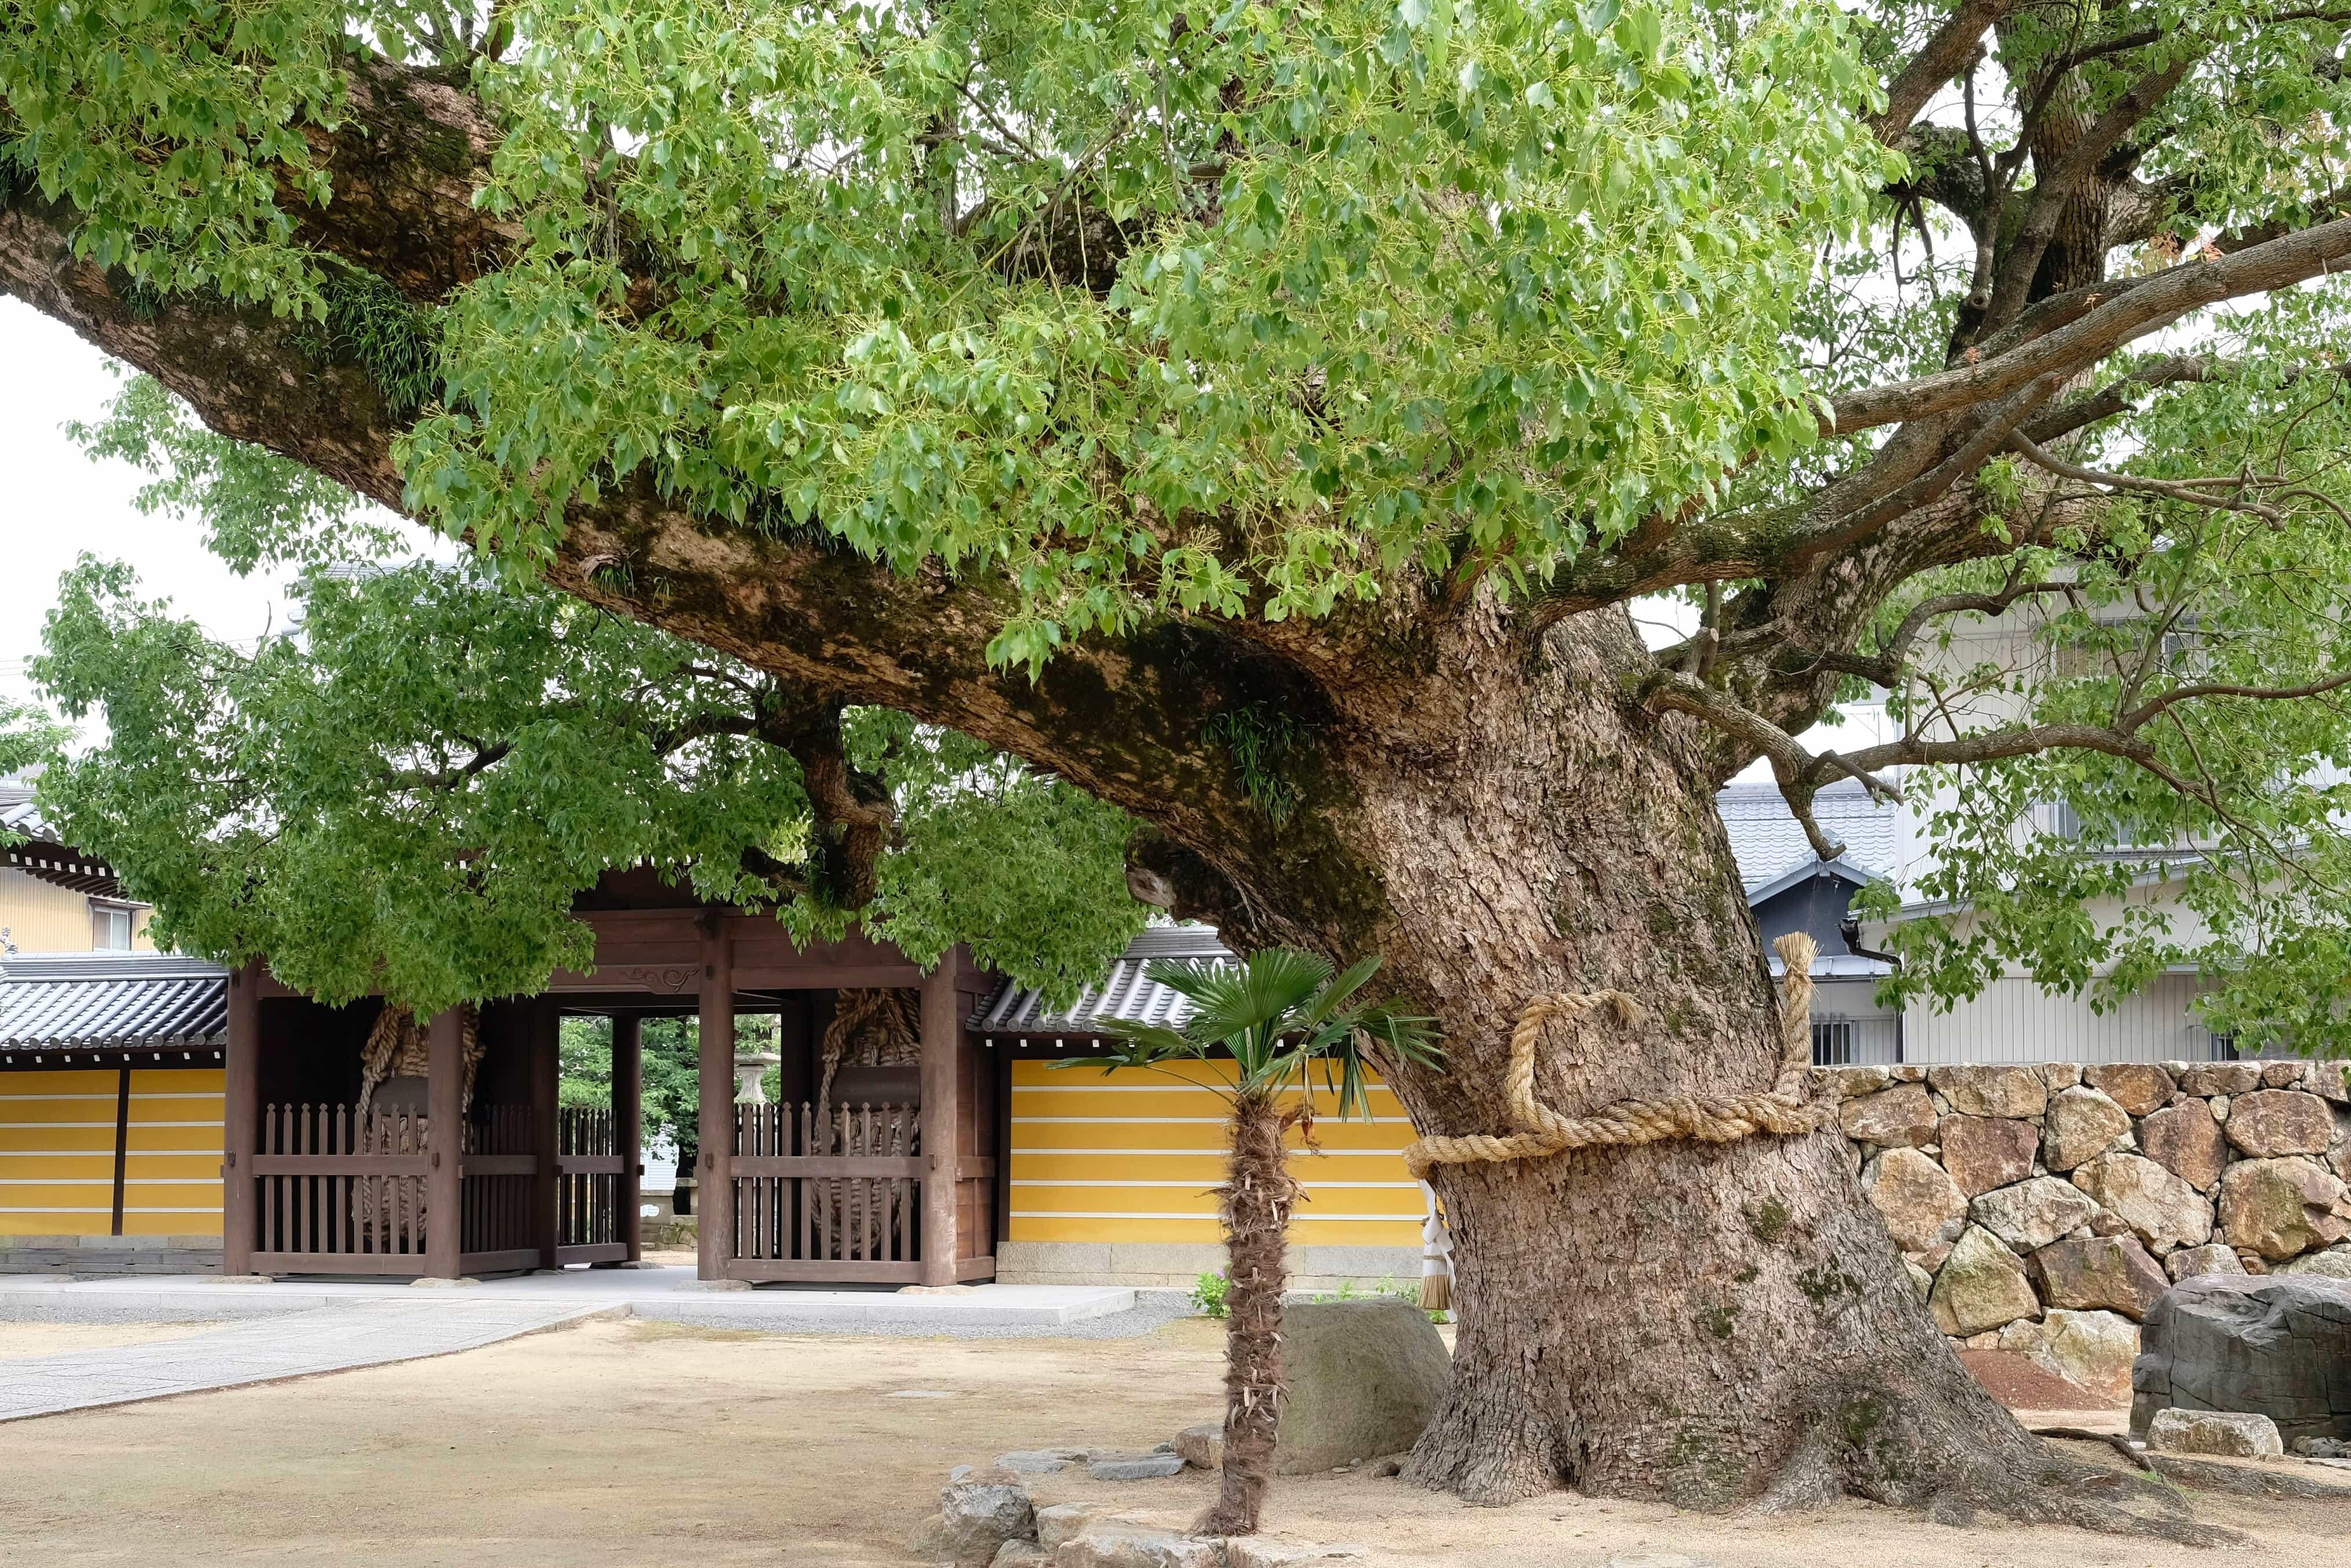 Konzō-ji camphor tree